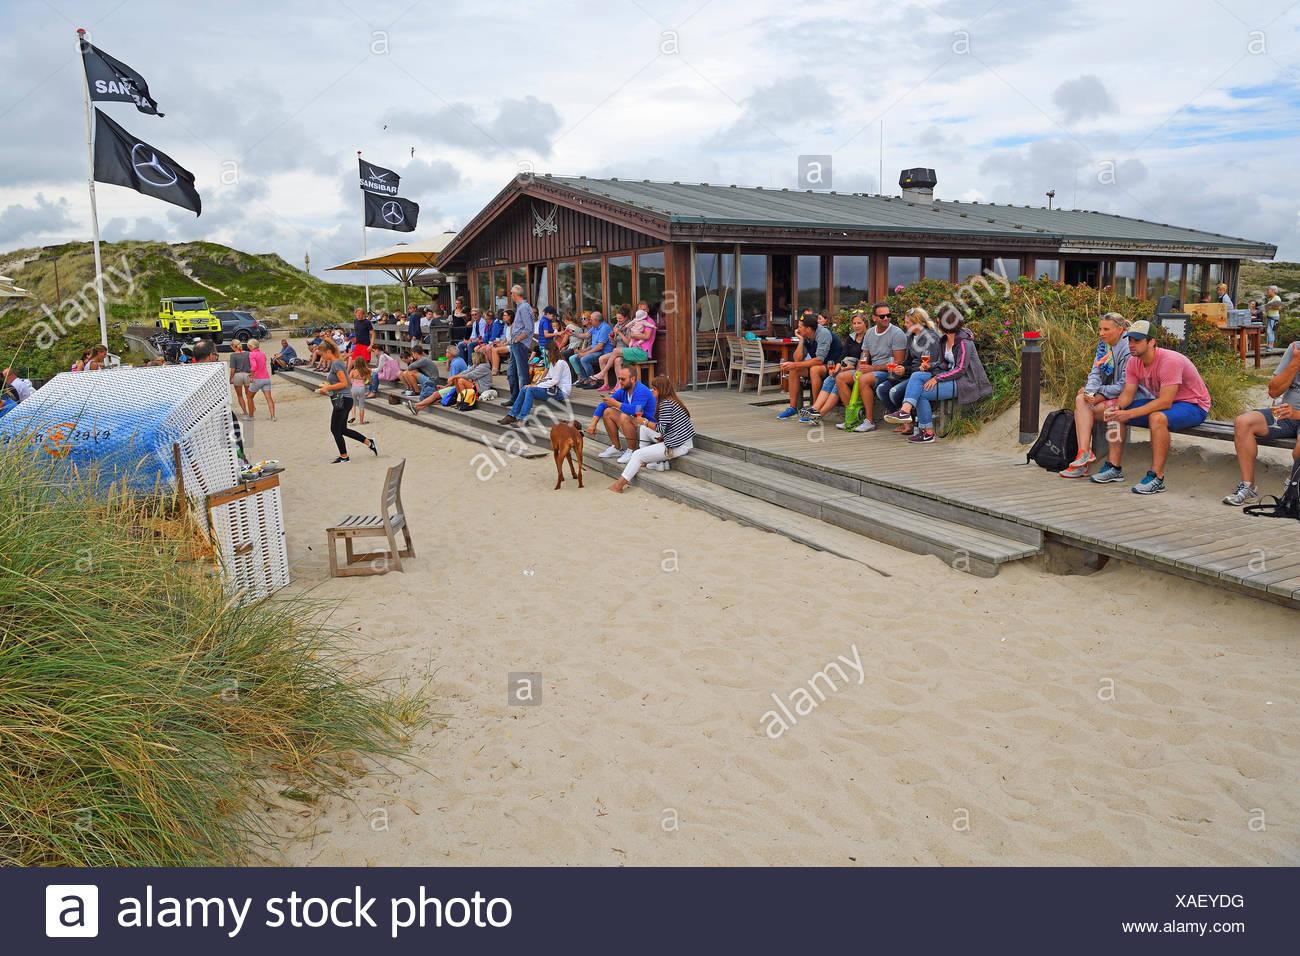 Kultrestaurant Sansibar in den Duenen von Rantum, Sylt, nordfriesische Inseln, Nordfriesland, Schleswig-Holstein, Deutschland - Stock Image